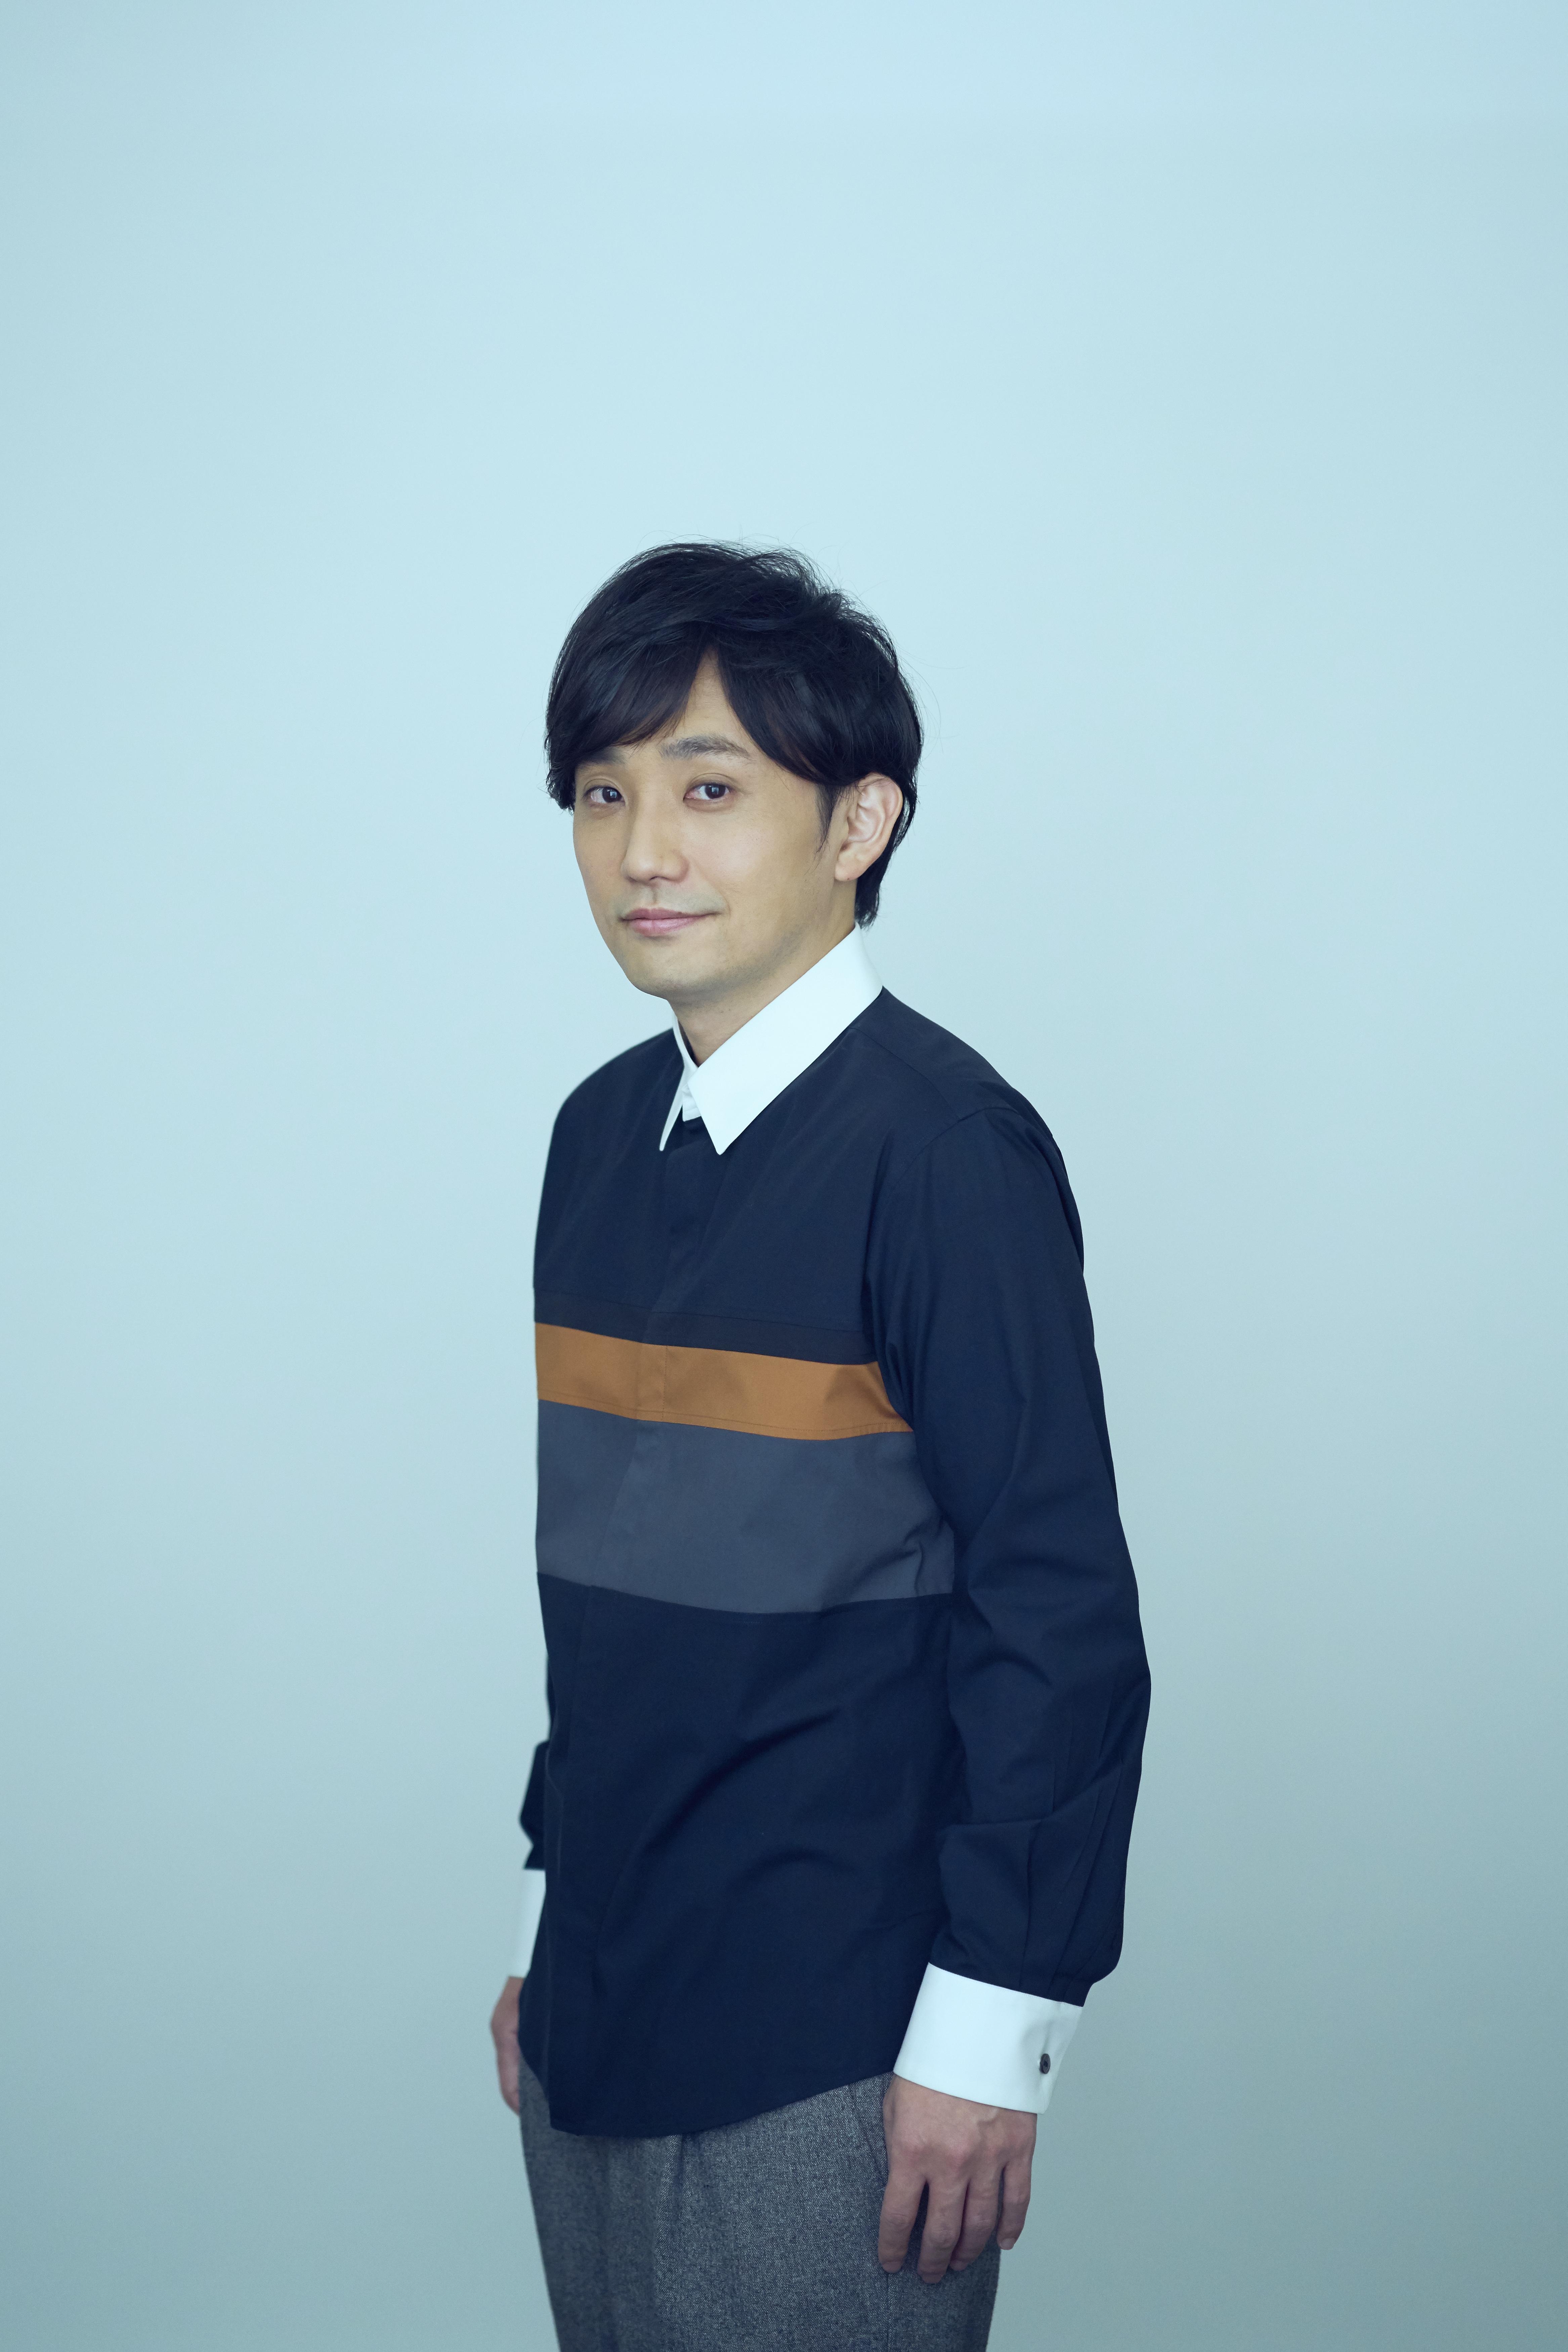 http://news.yoshimoto.co.jp/20171016153949-a03294168bad7f7e654d0c476c4c3d75f72f3406.jpg